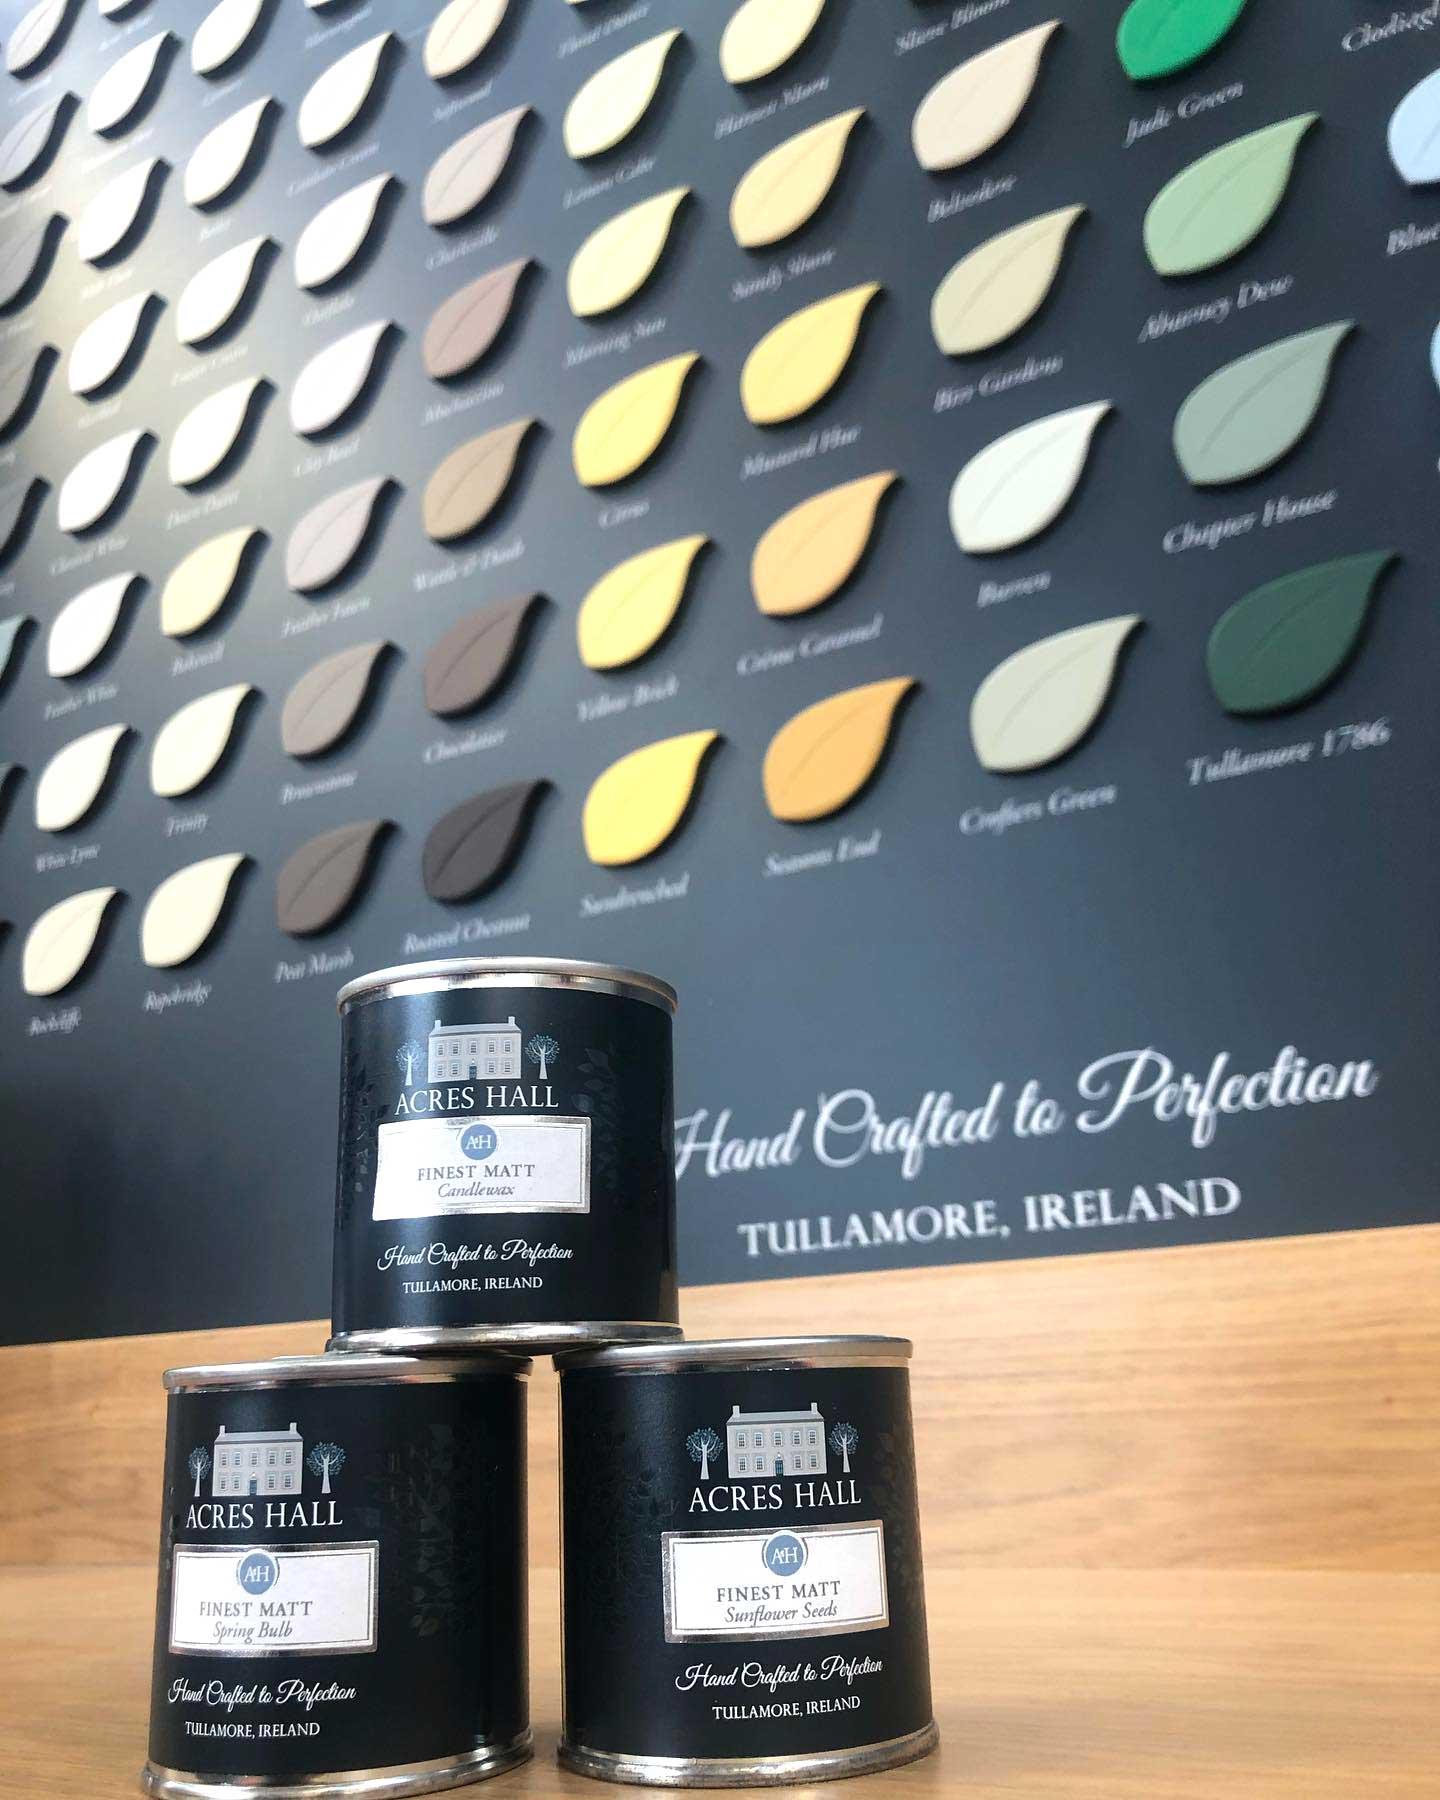 The Navan Paint Hub